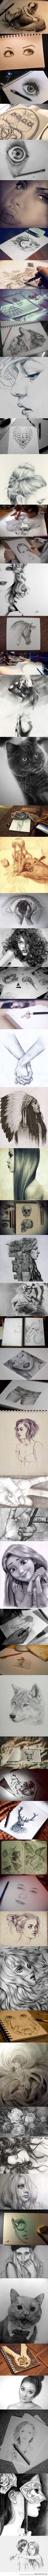 l'Art du dessin